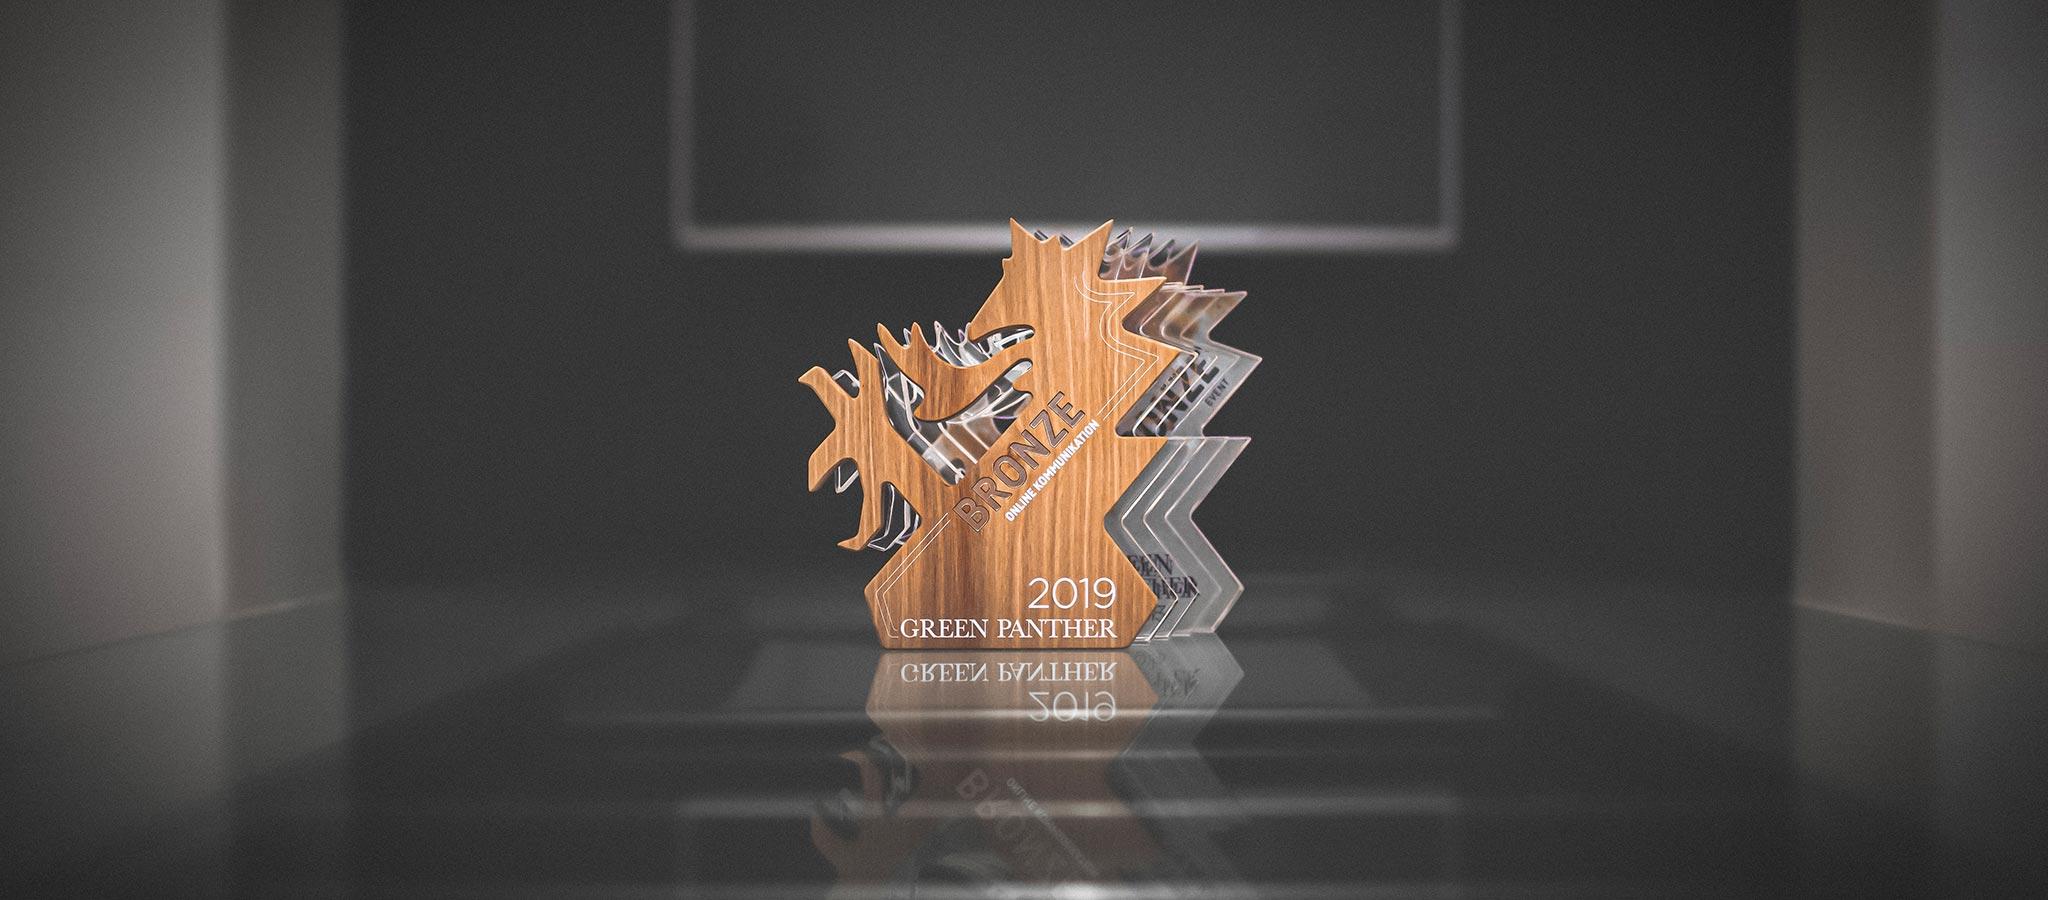 Green Panther Gewinner 2019